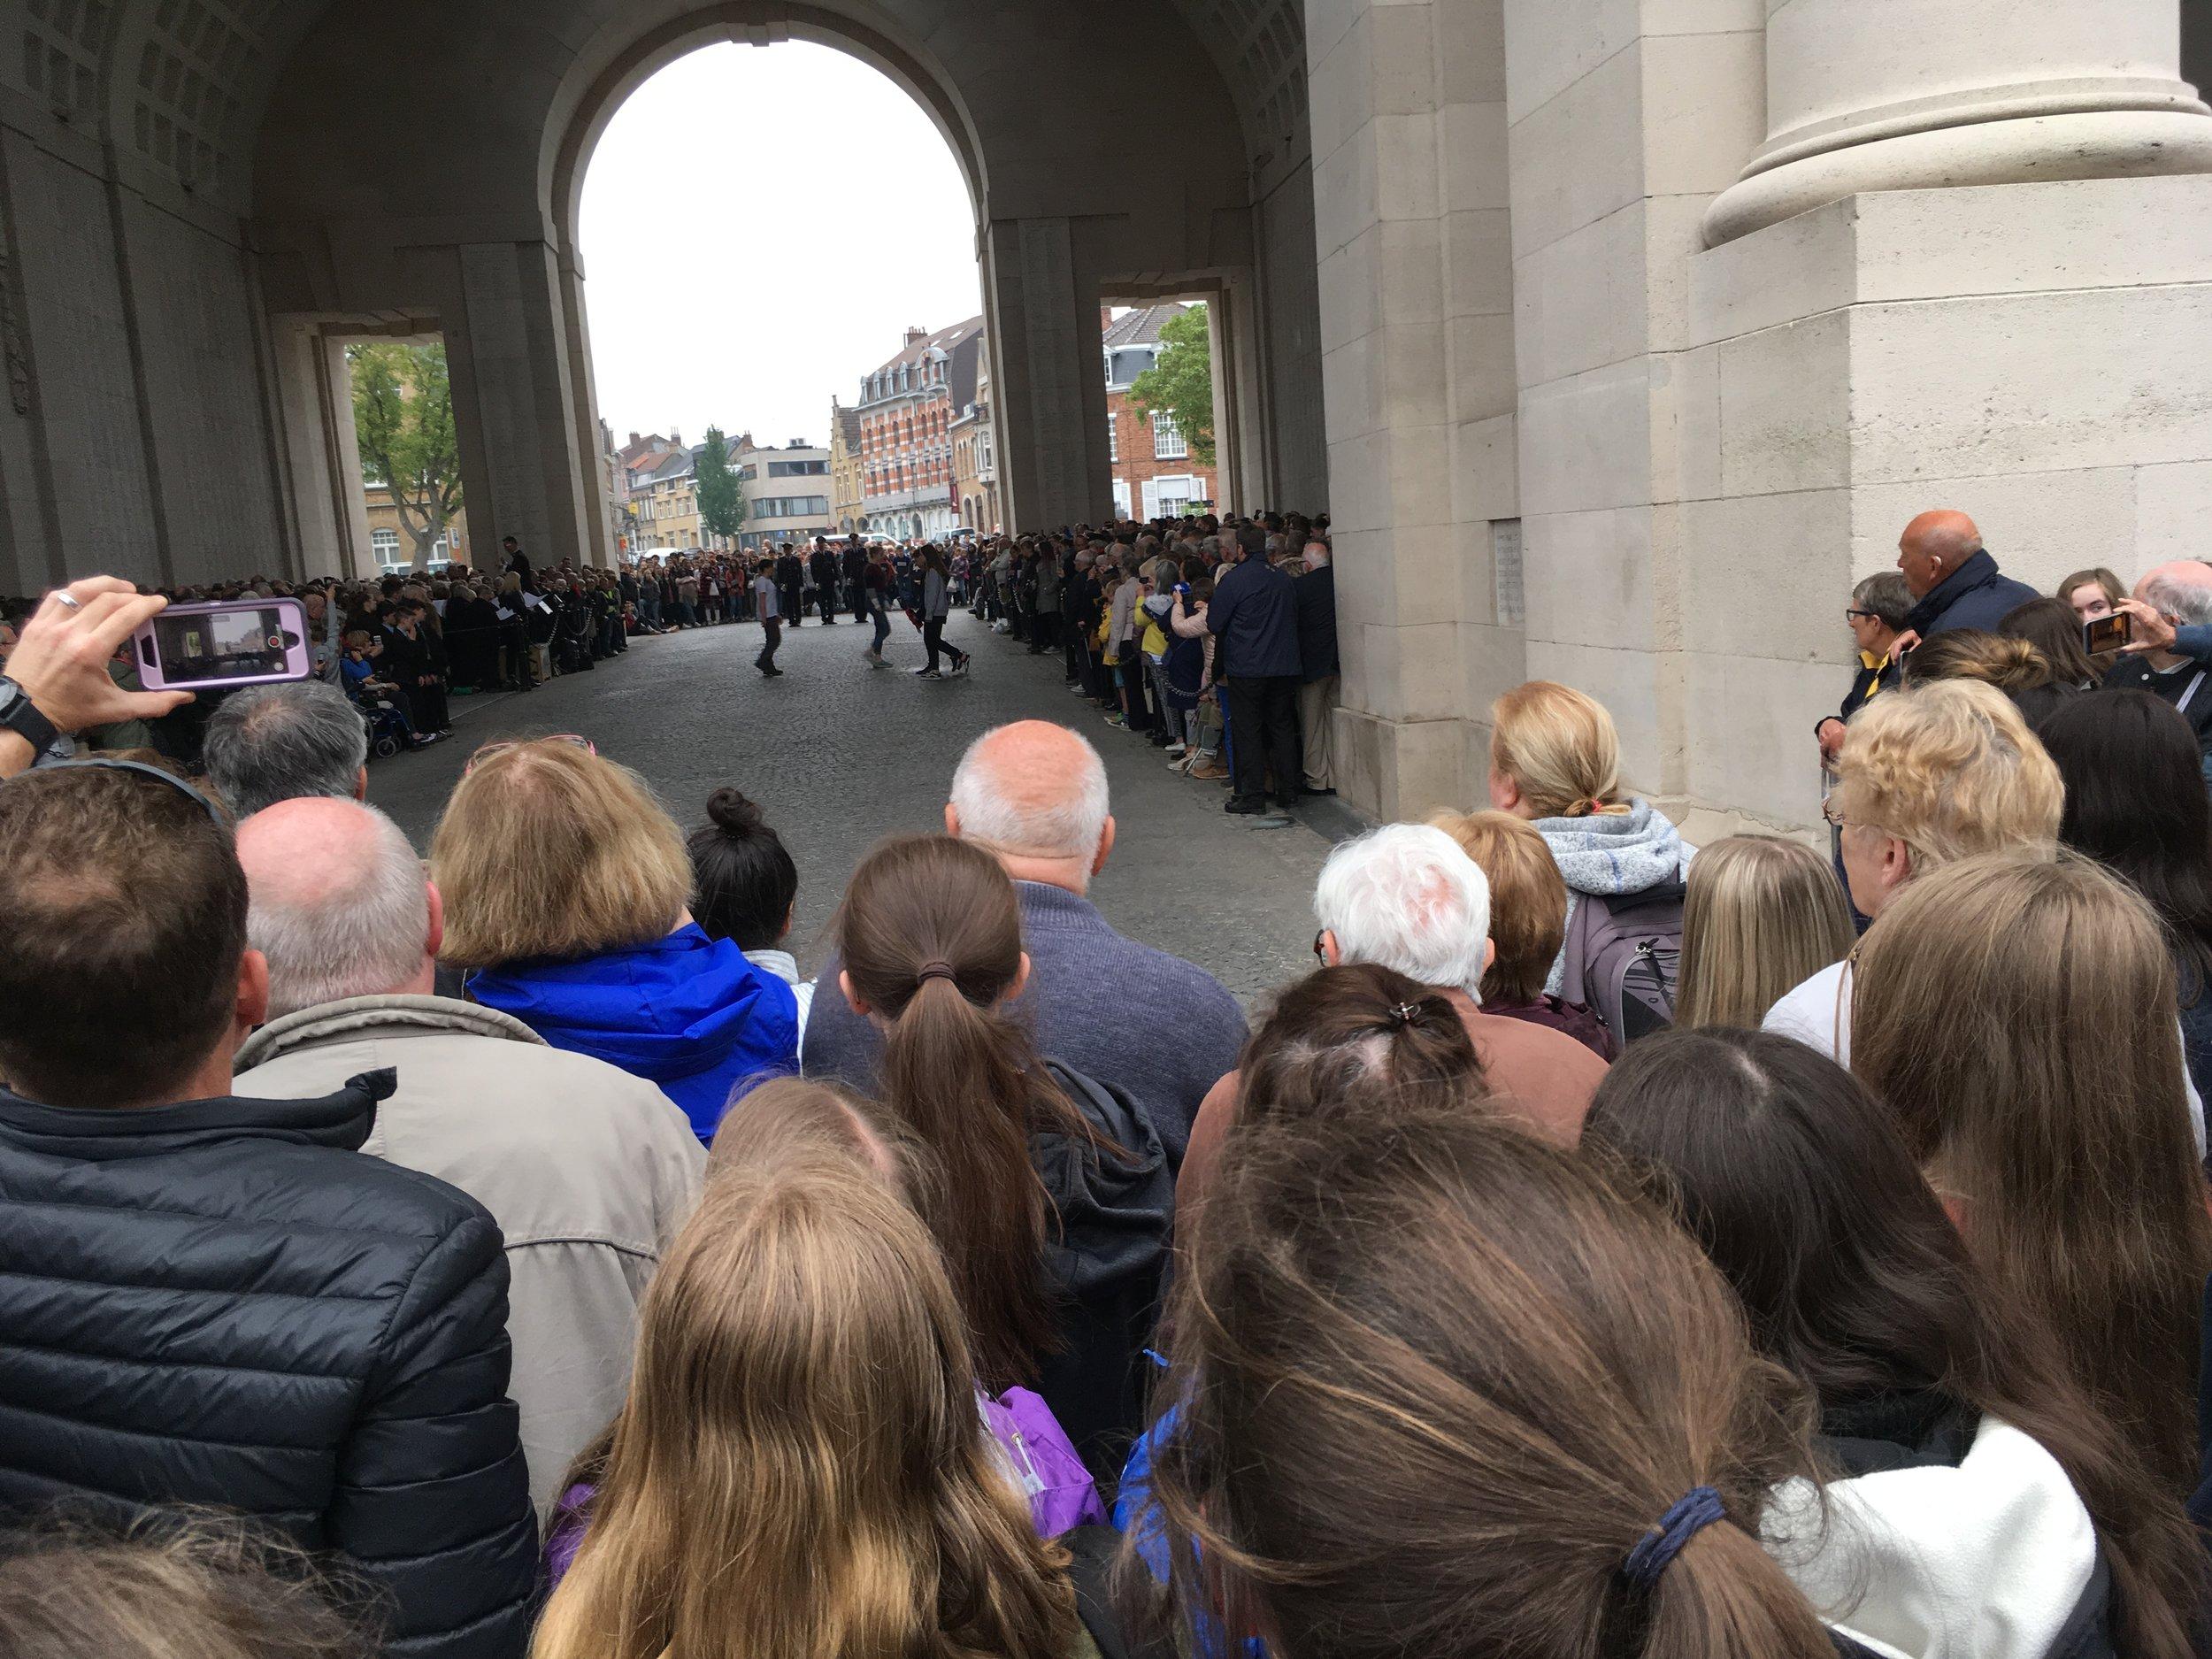 Menin Gate Last Post Ceremony